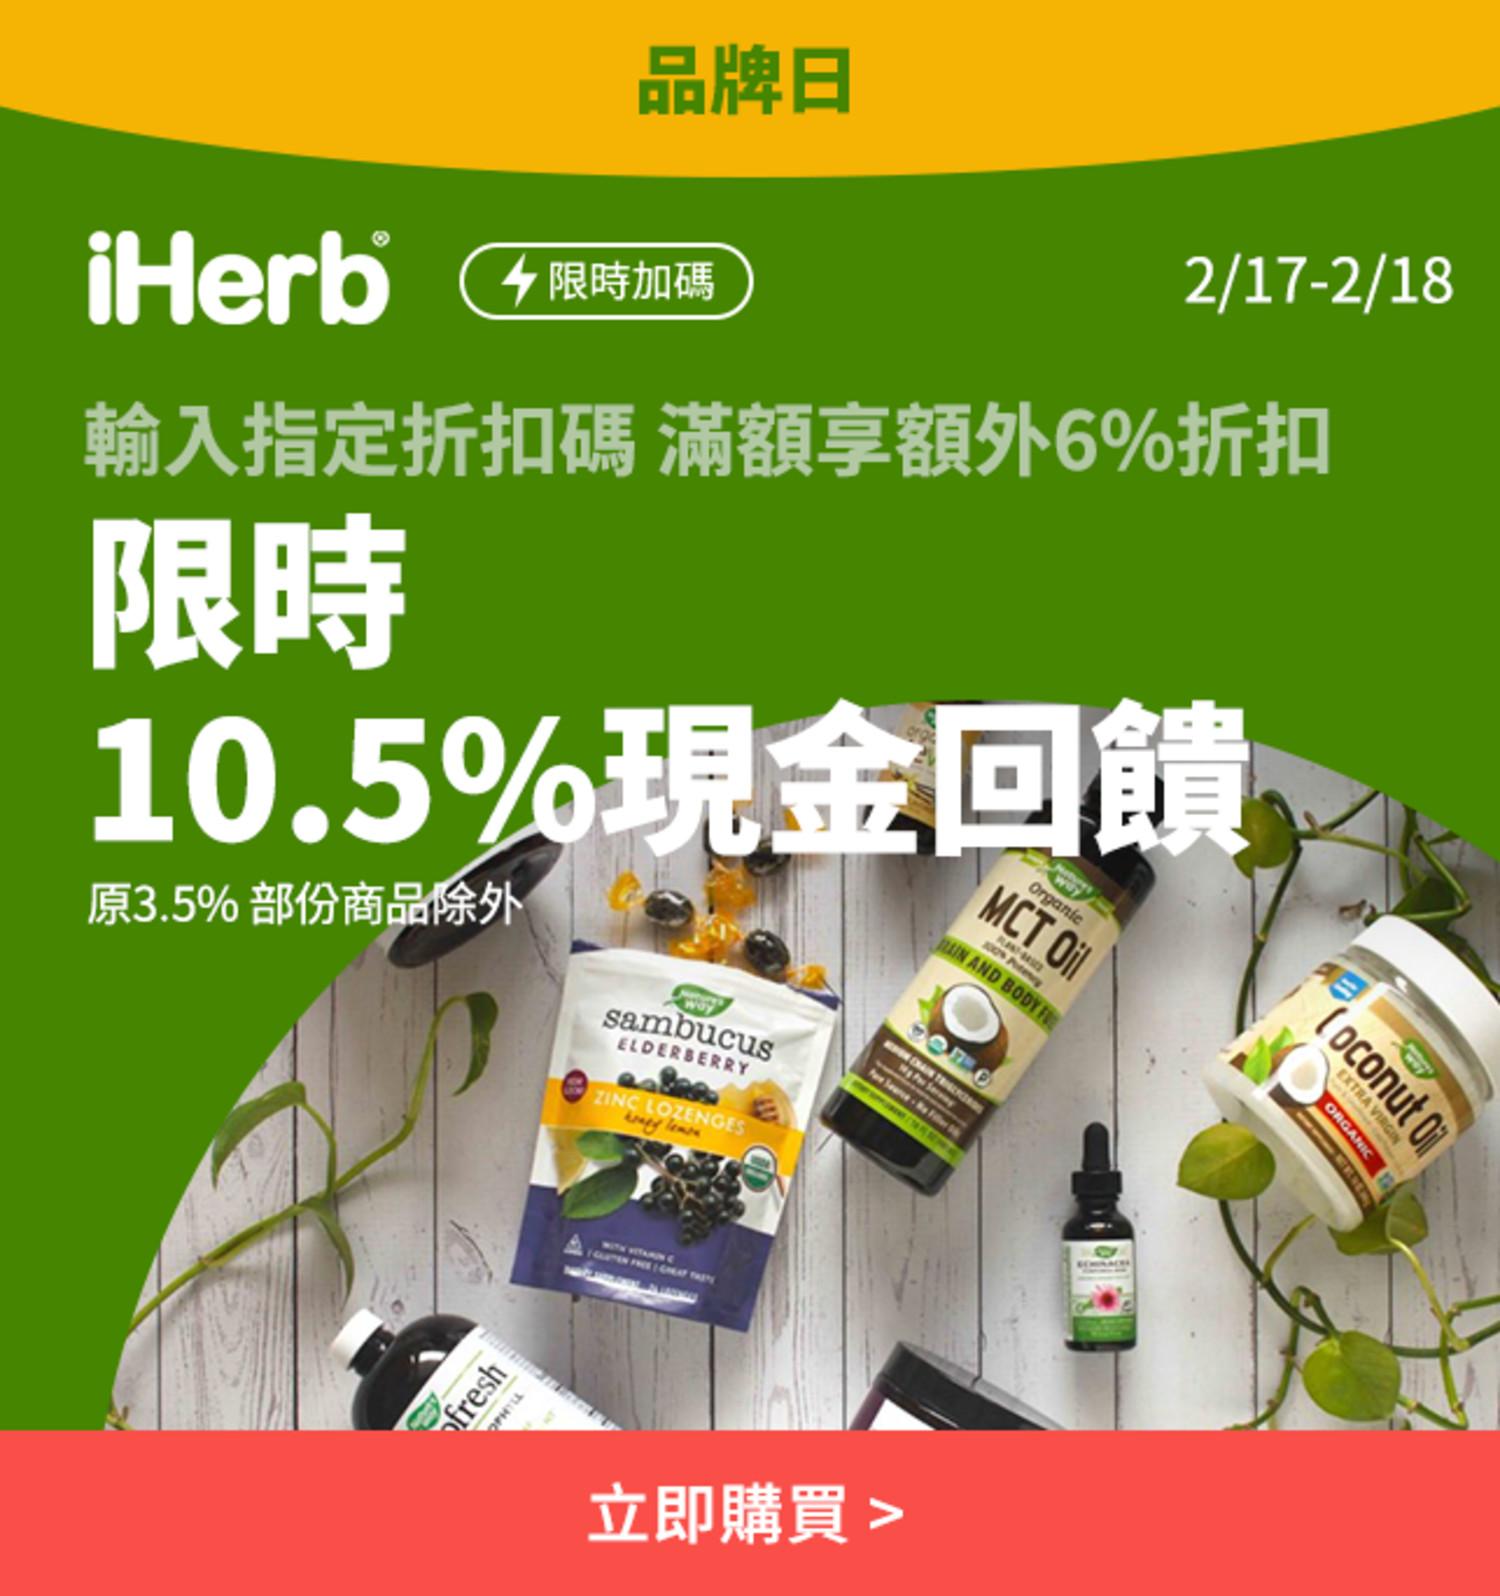 iHerb 2/17-2/18